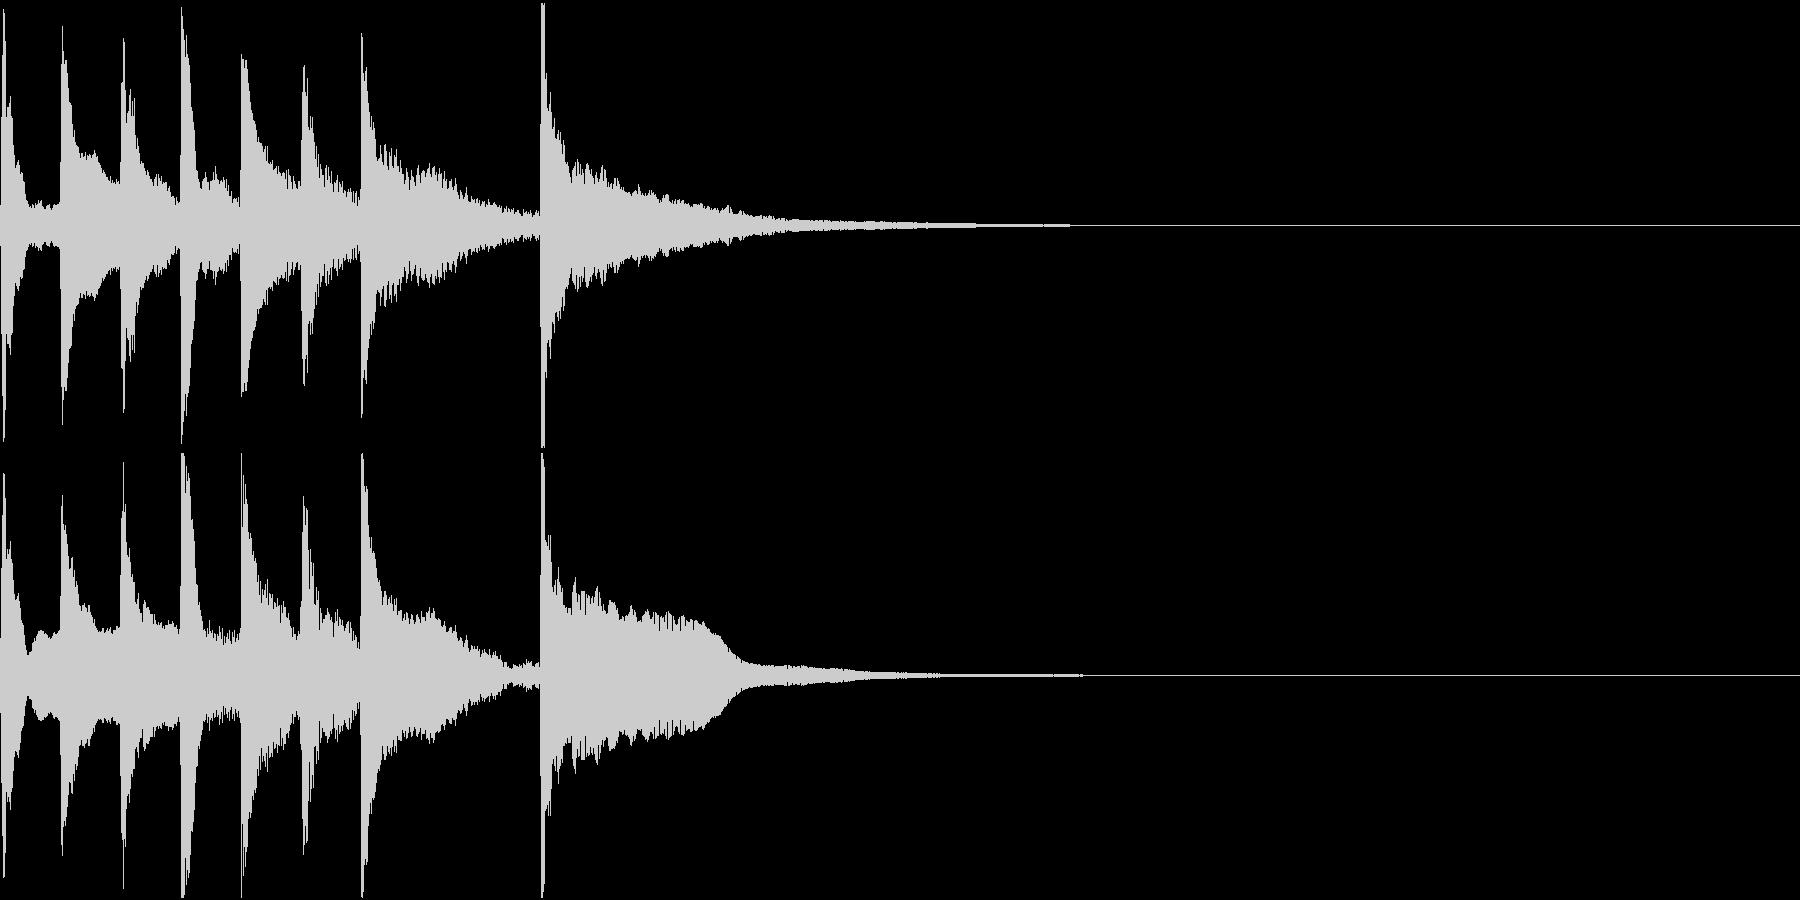 琴とビブラフォンを使った短いジングルの未再生の波形